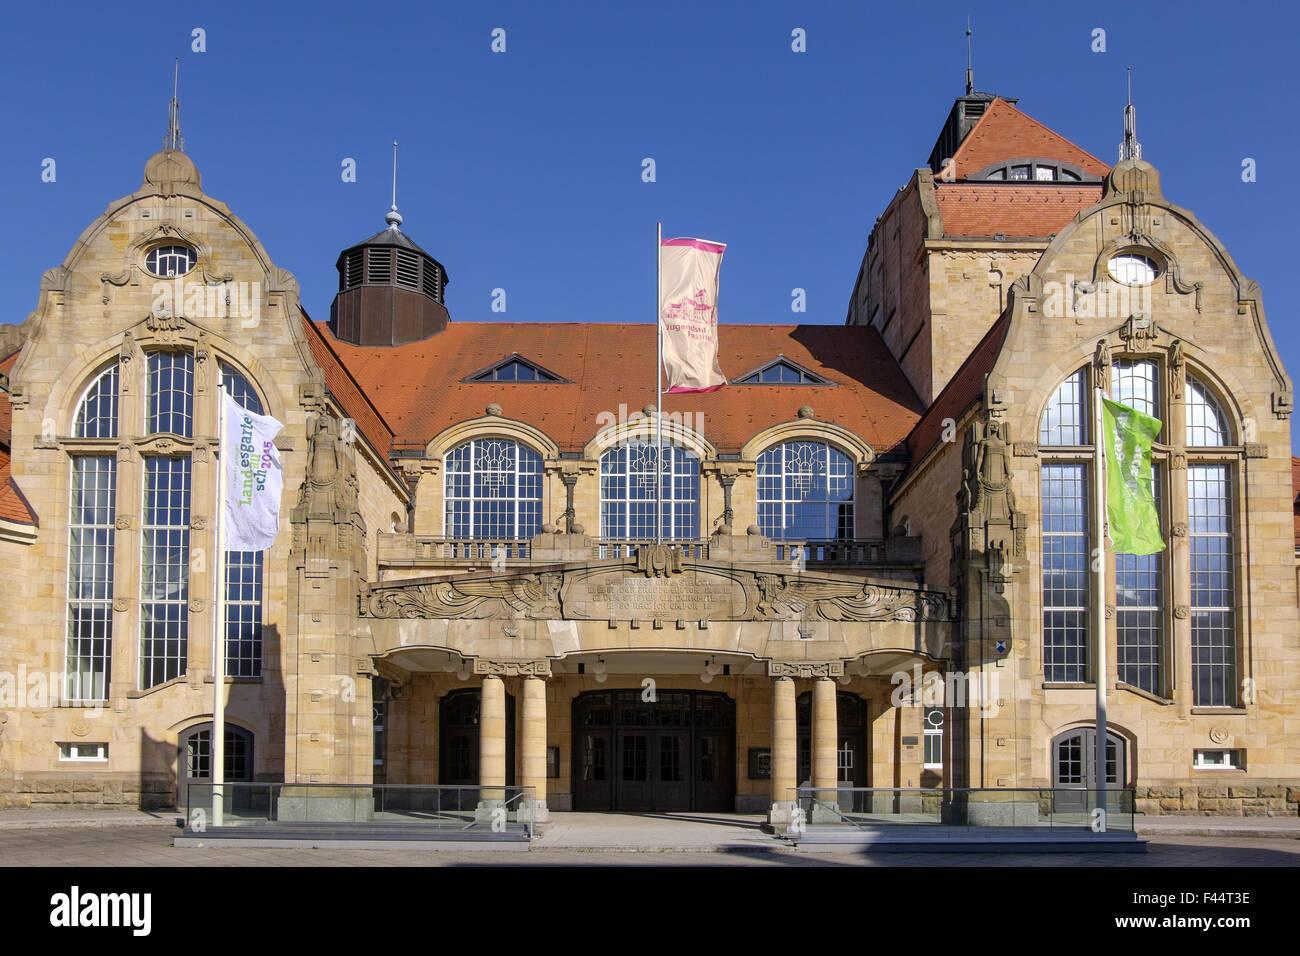 the Festhalle Landau Stock Photo